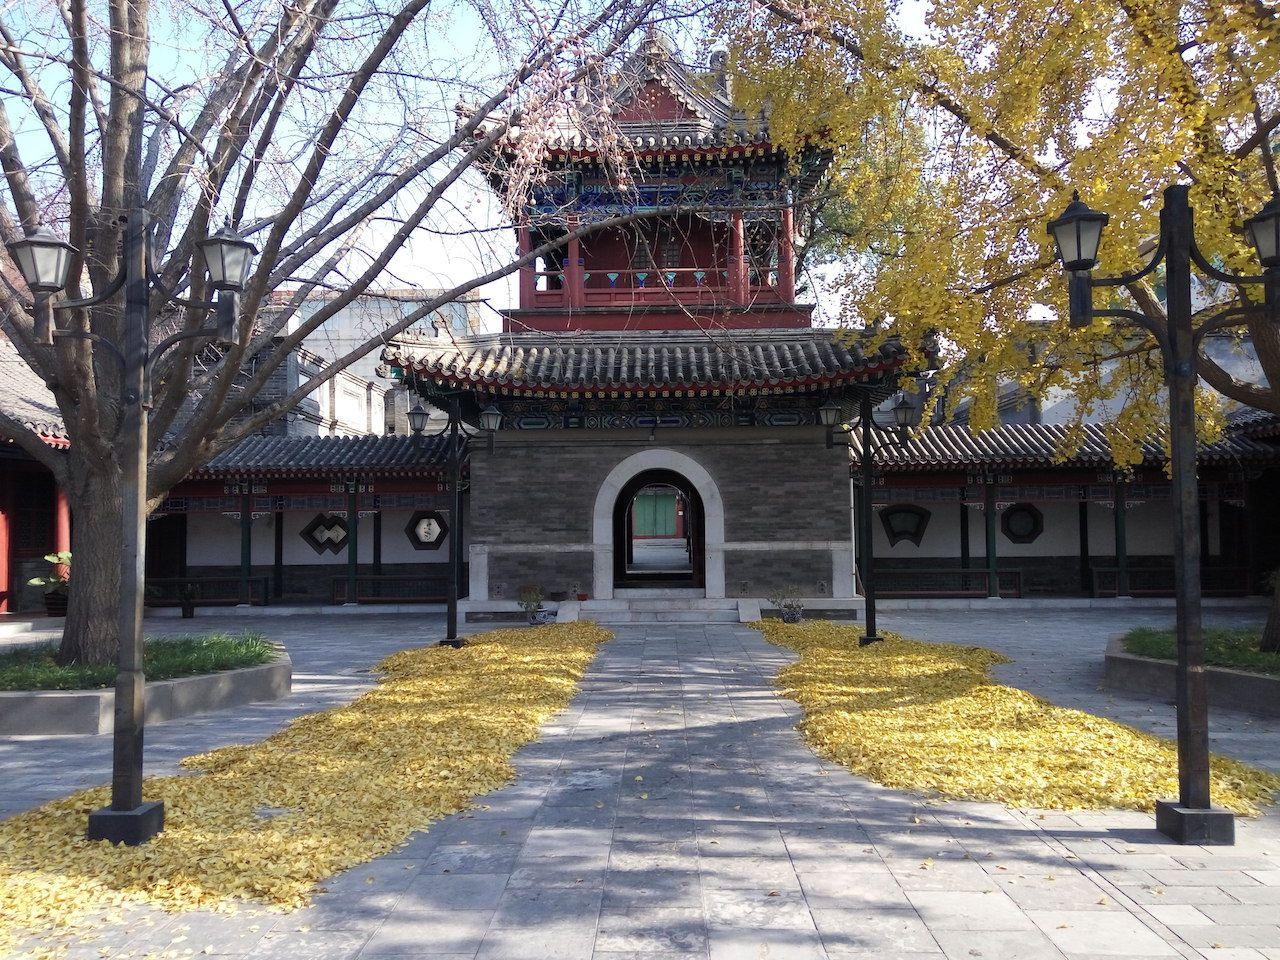 Beijing mosque